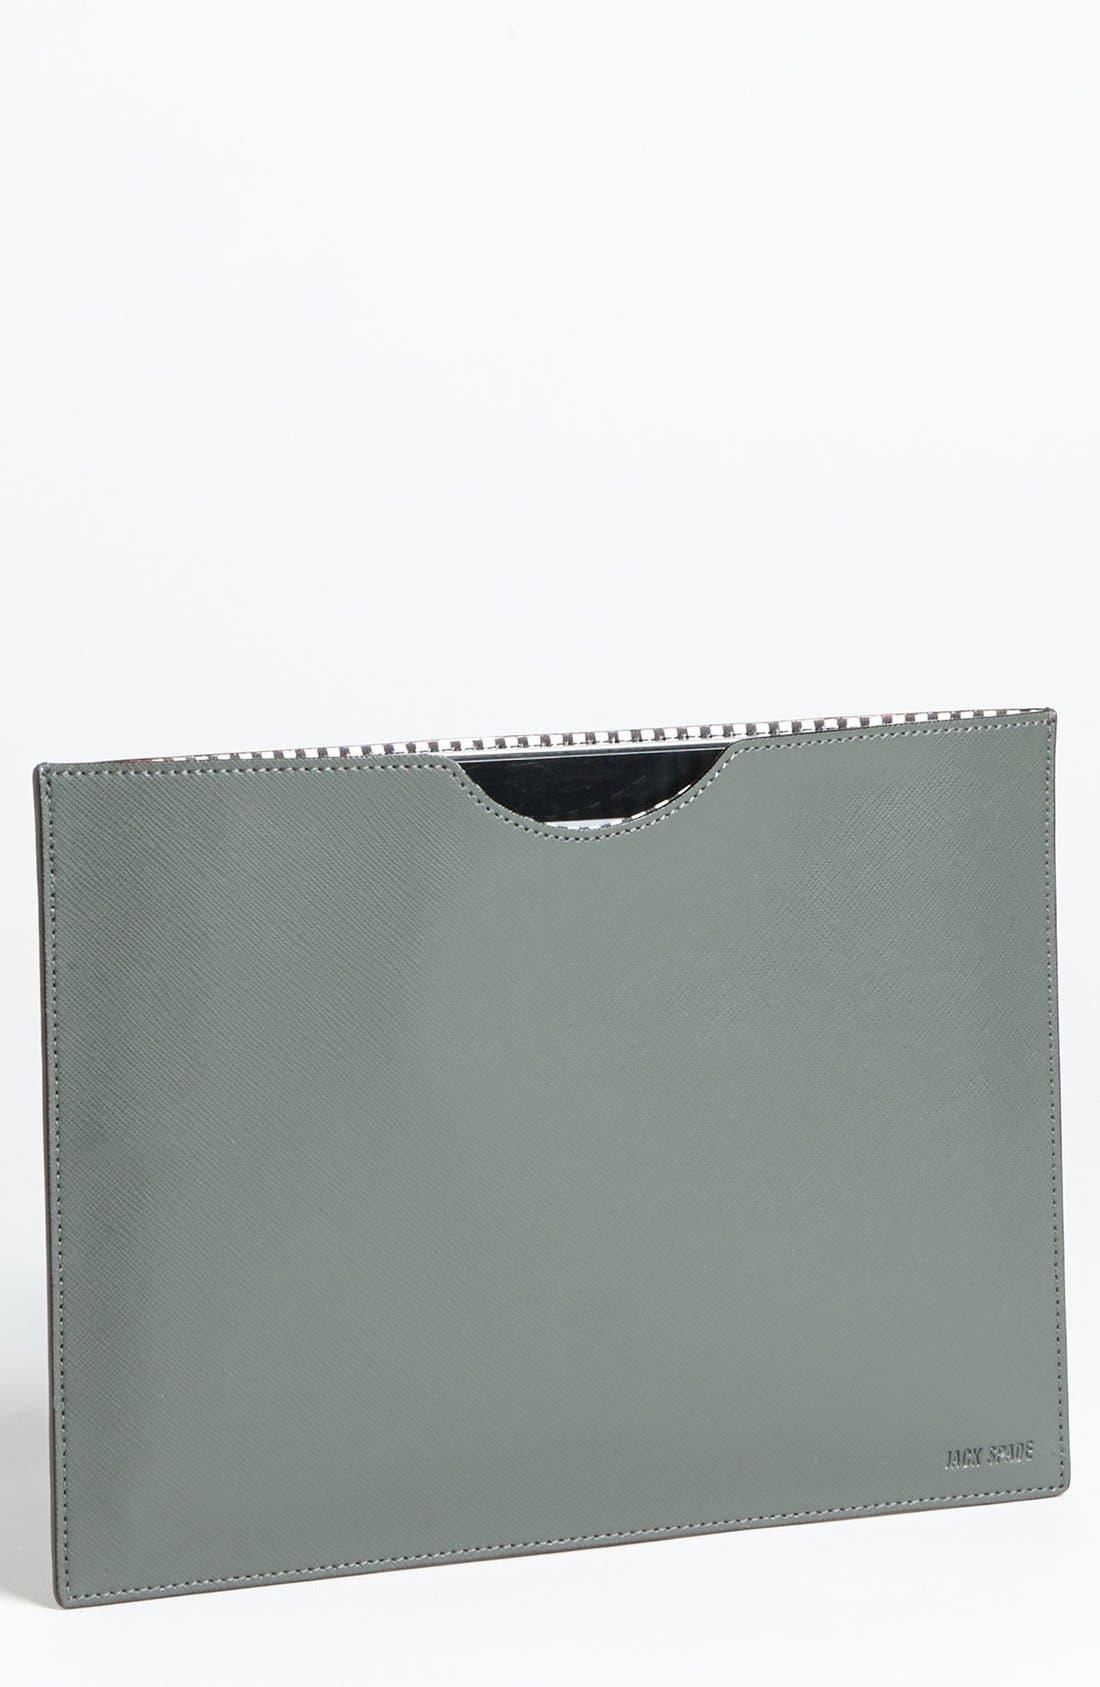 Alternate Image 1 Selected - Jack Spade Tablet Case